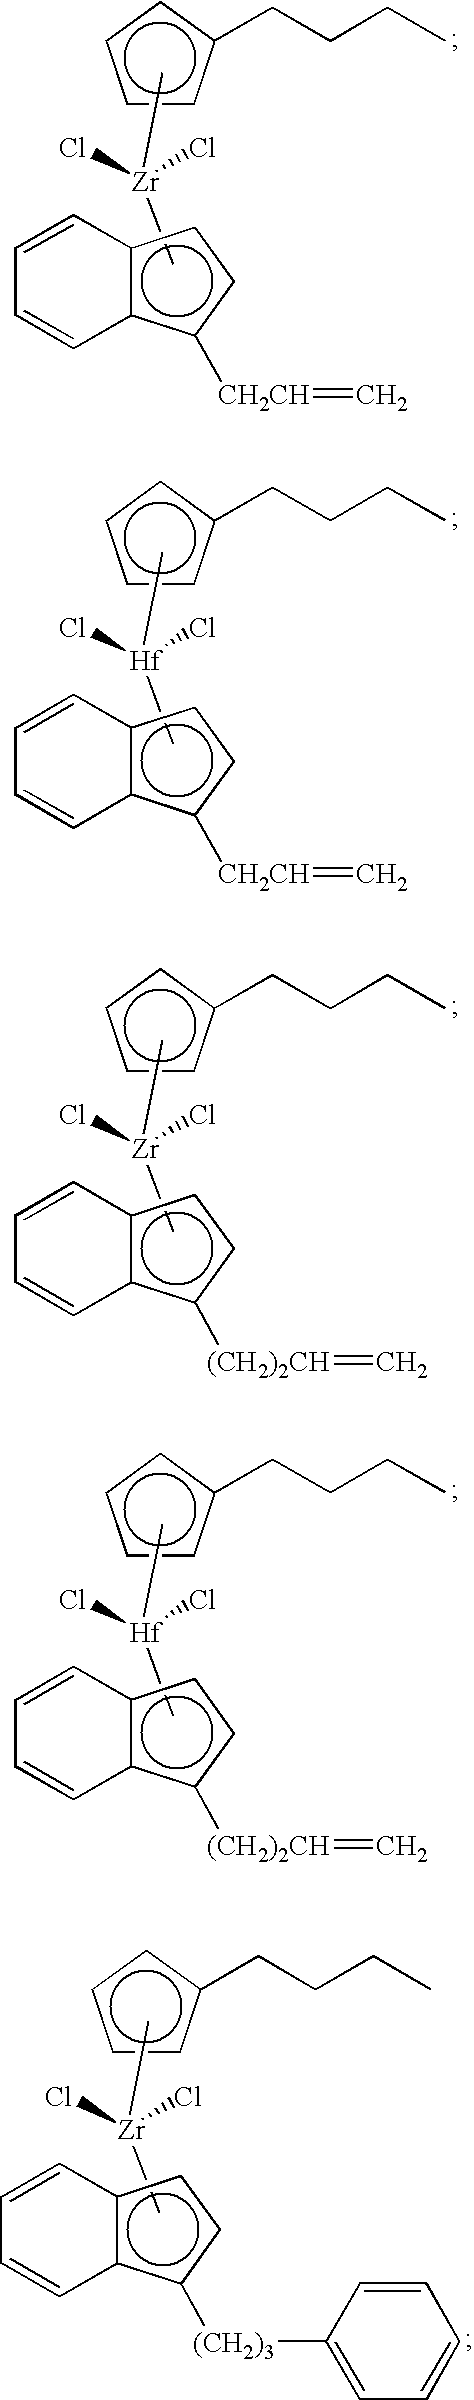 Figure US07226886-20070605-C00036